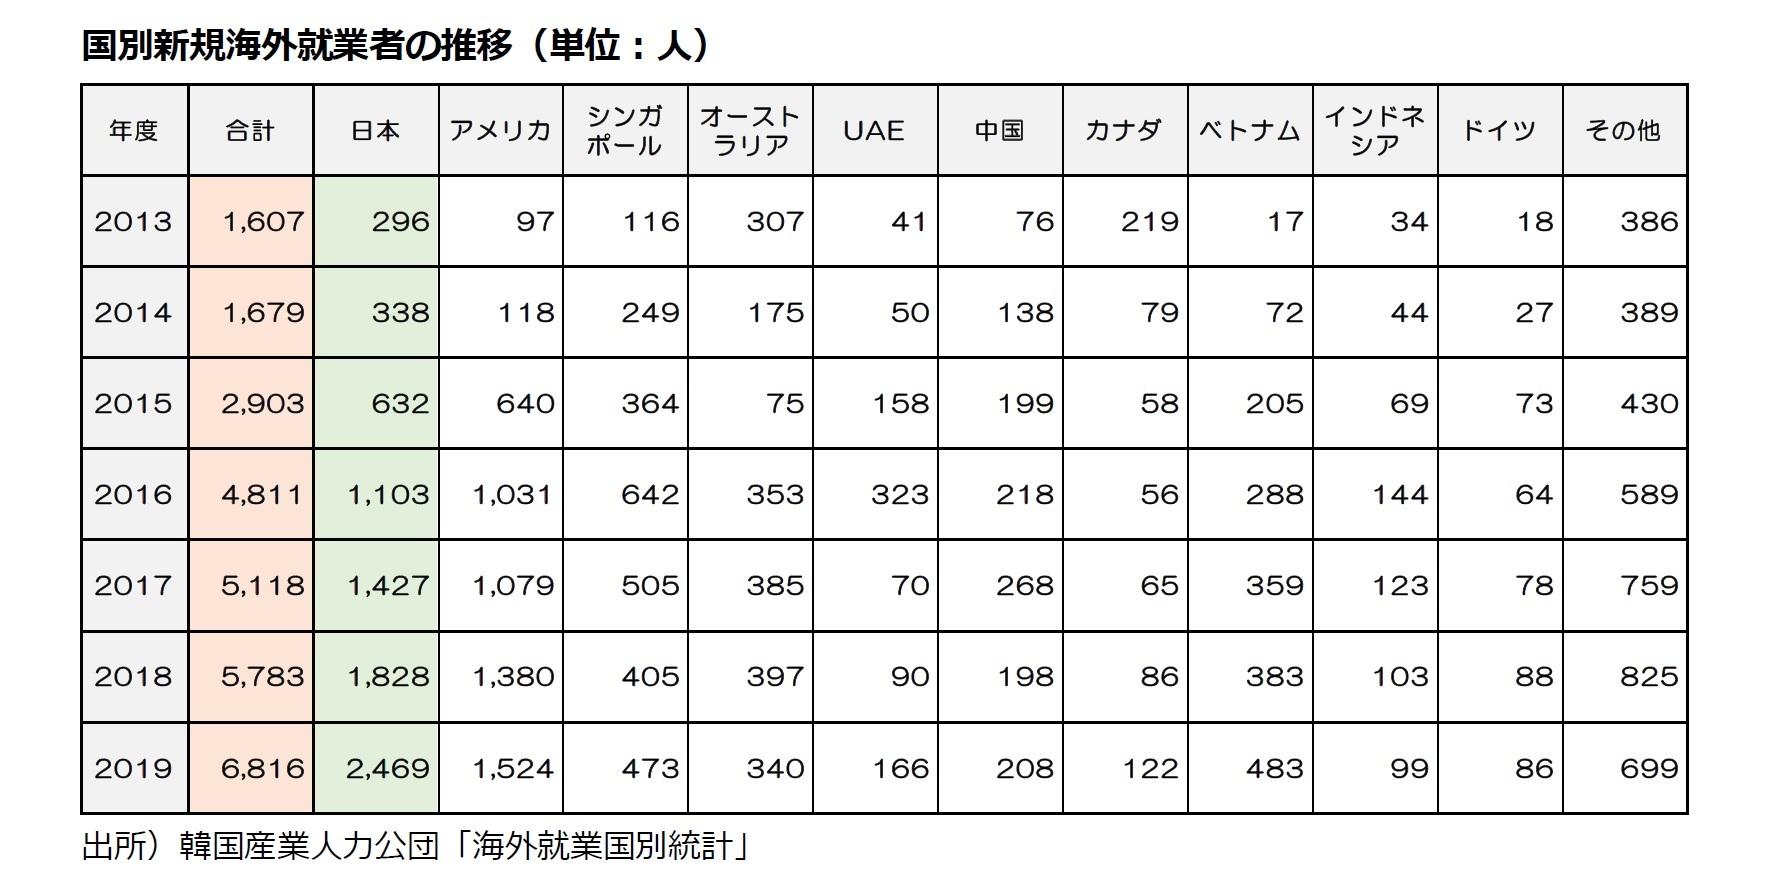 国別新規海外就業者の推移(単位:人)